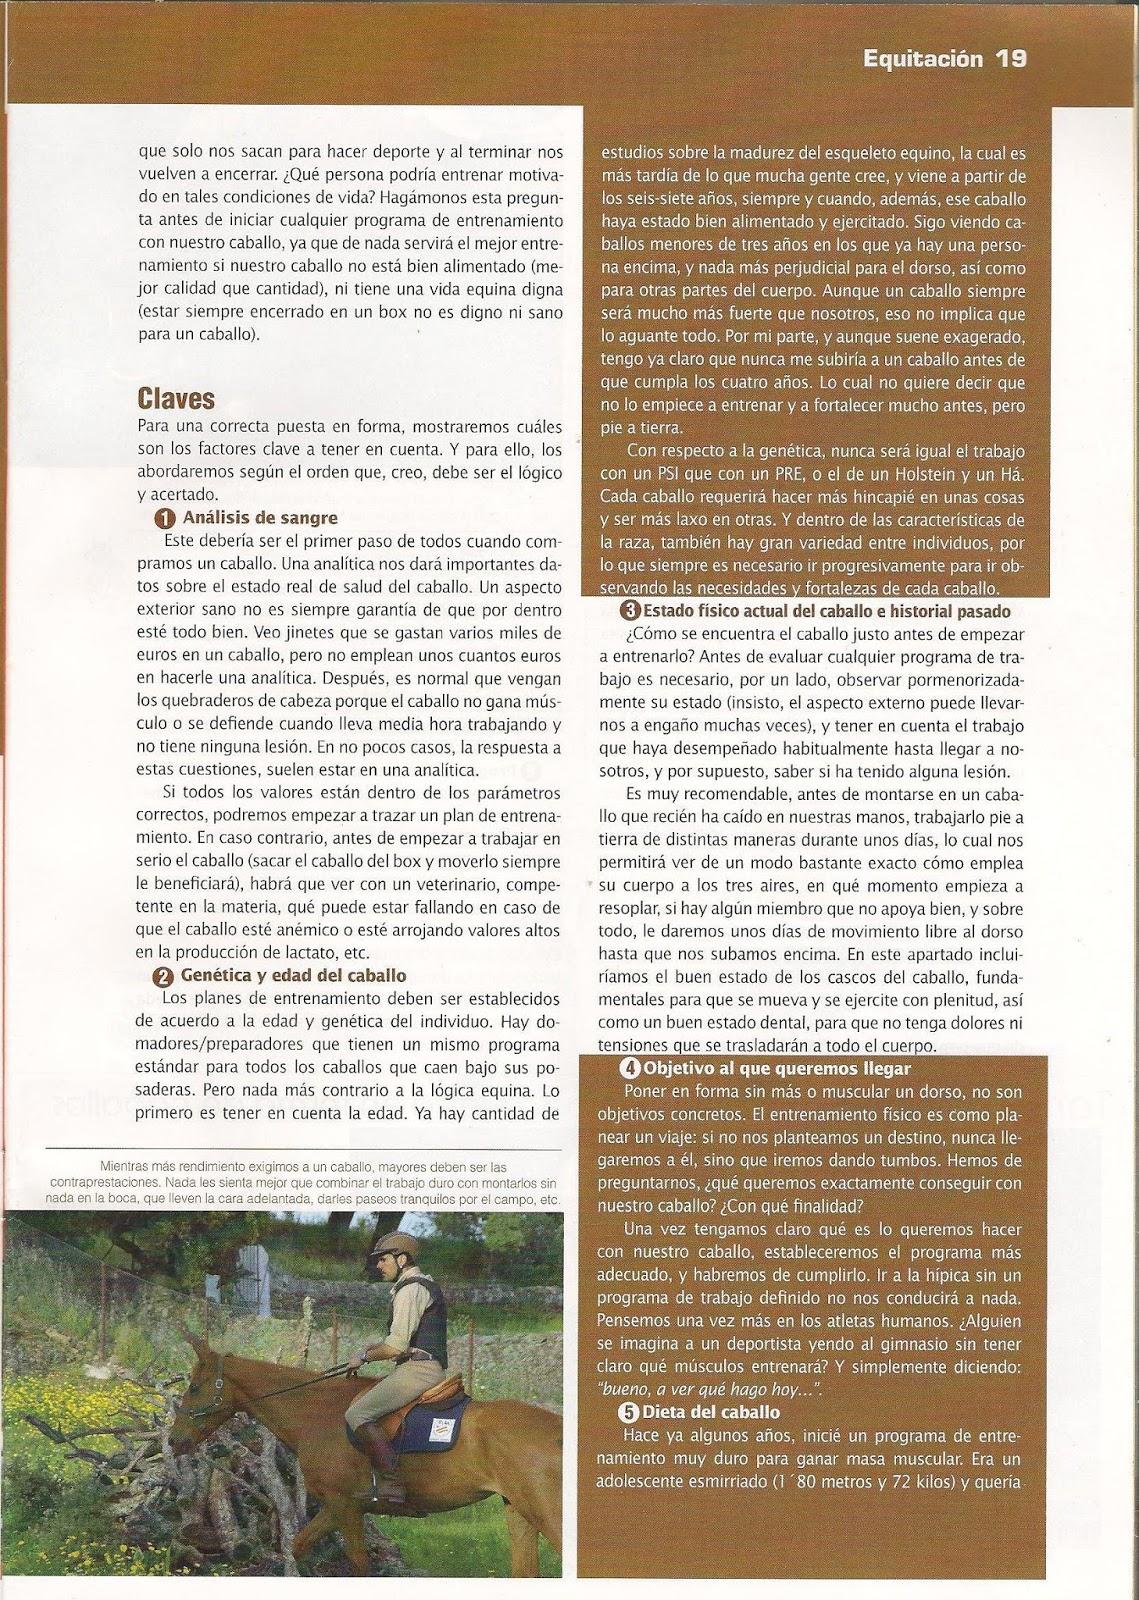 Tomás Mateo_Entrenamiento Equino: 8 claves para la puesta en forma ...